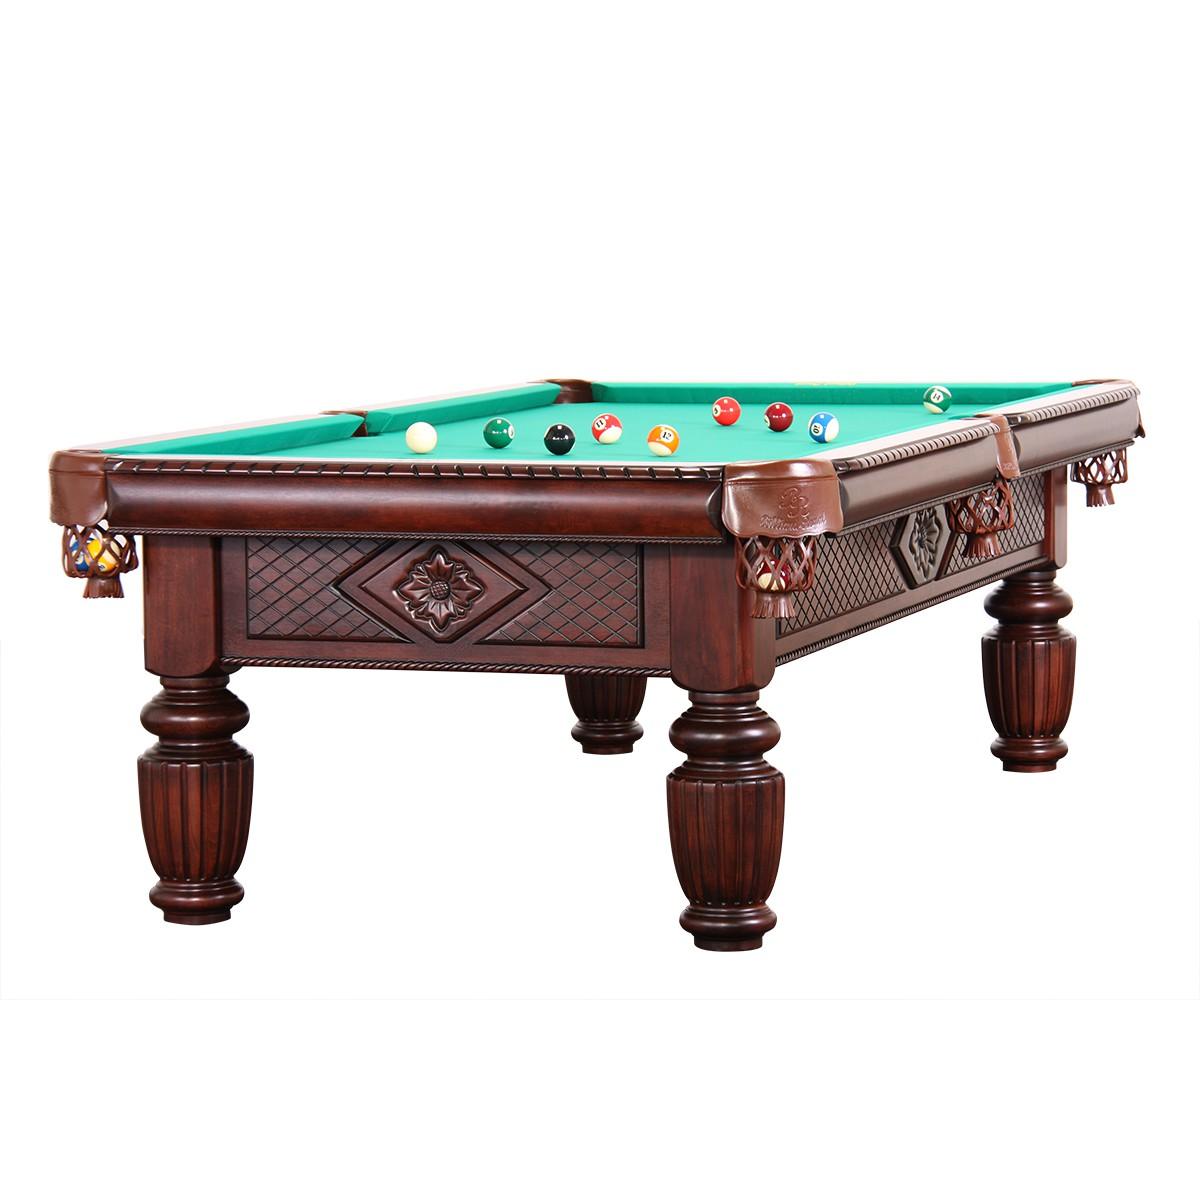 9 Ft Professionelle Pool Billard Table Ardoise Model